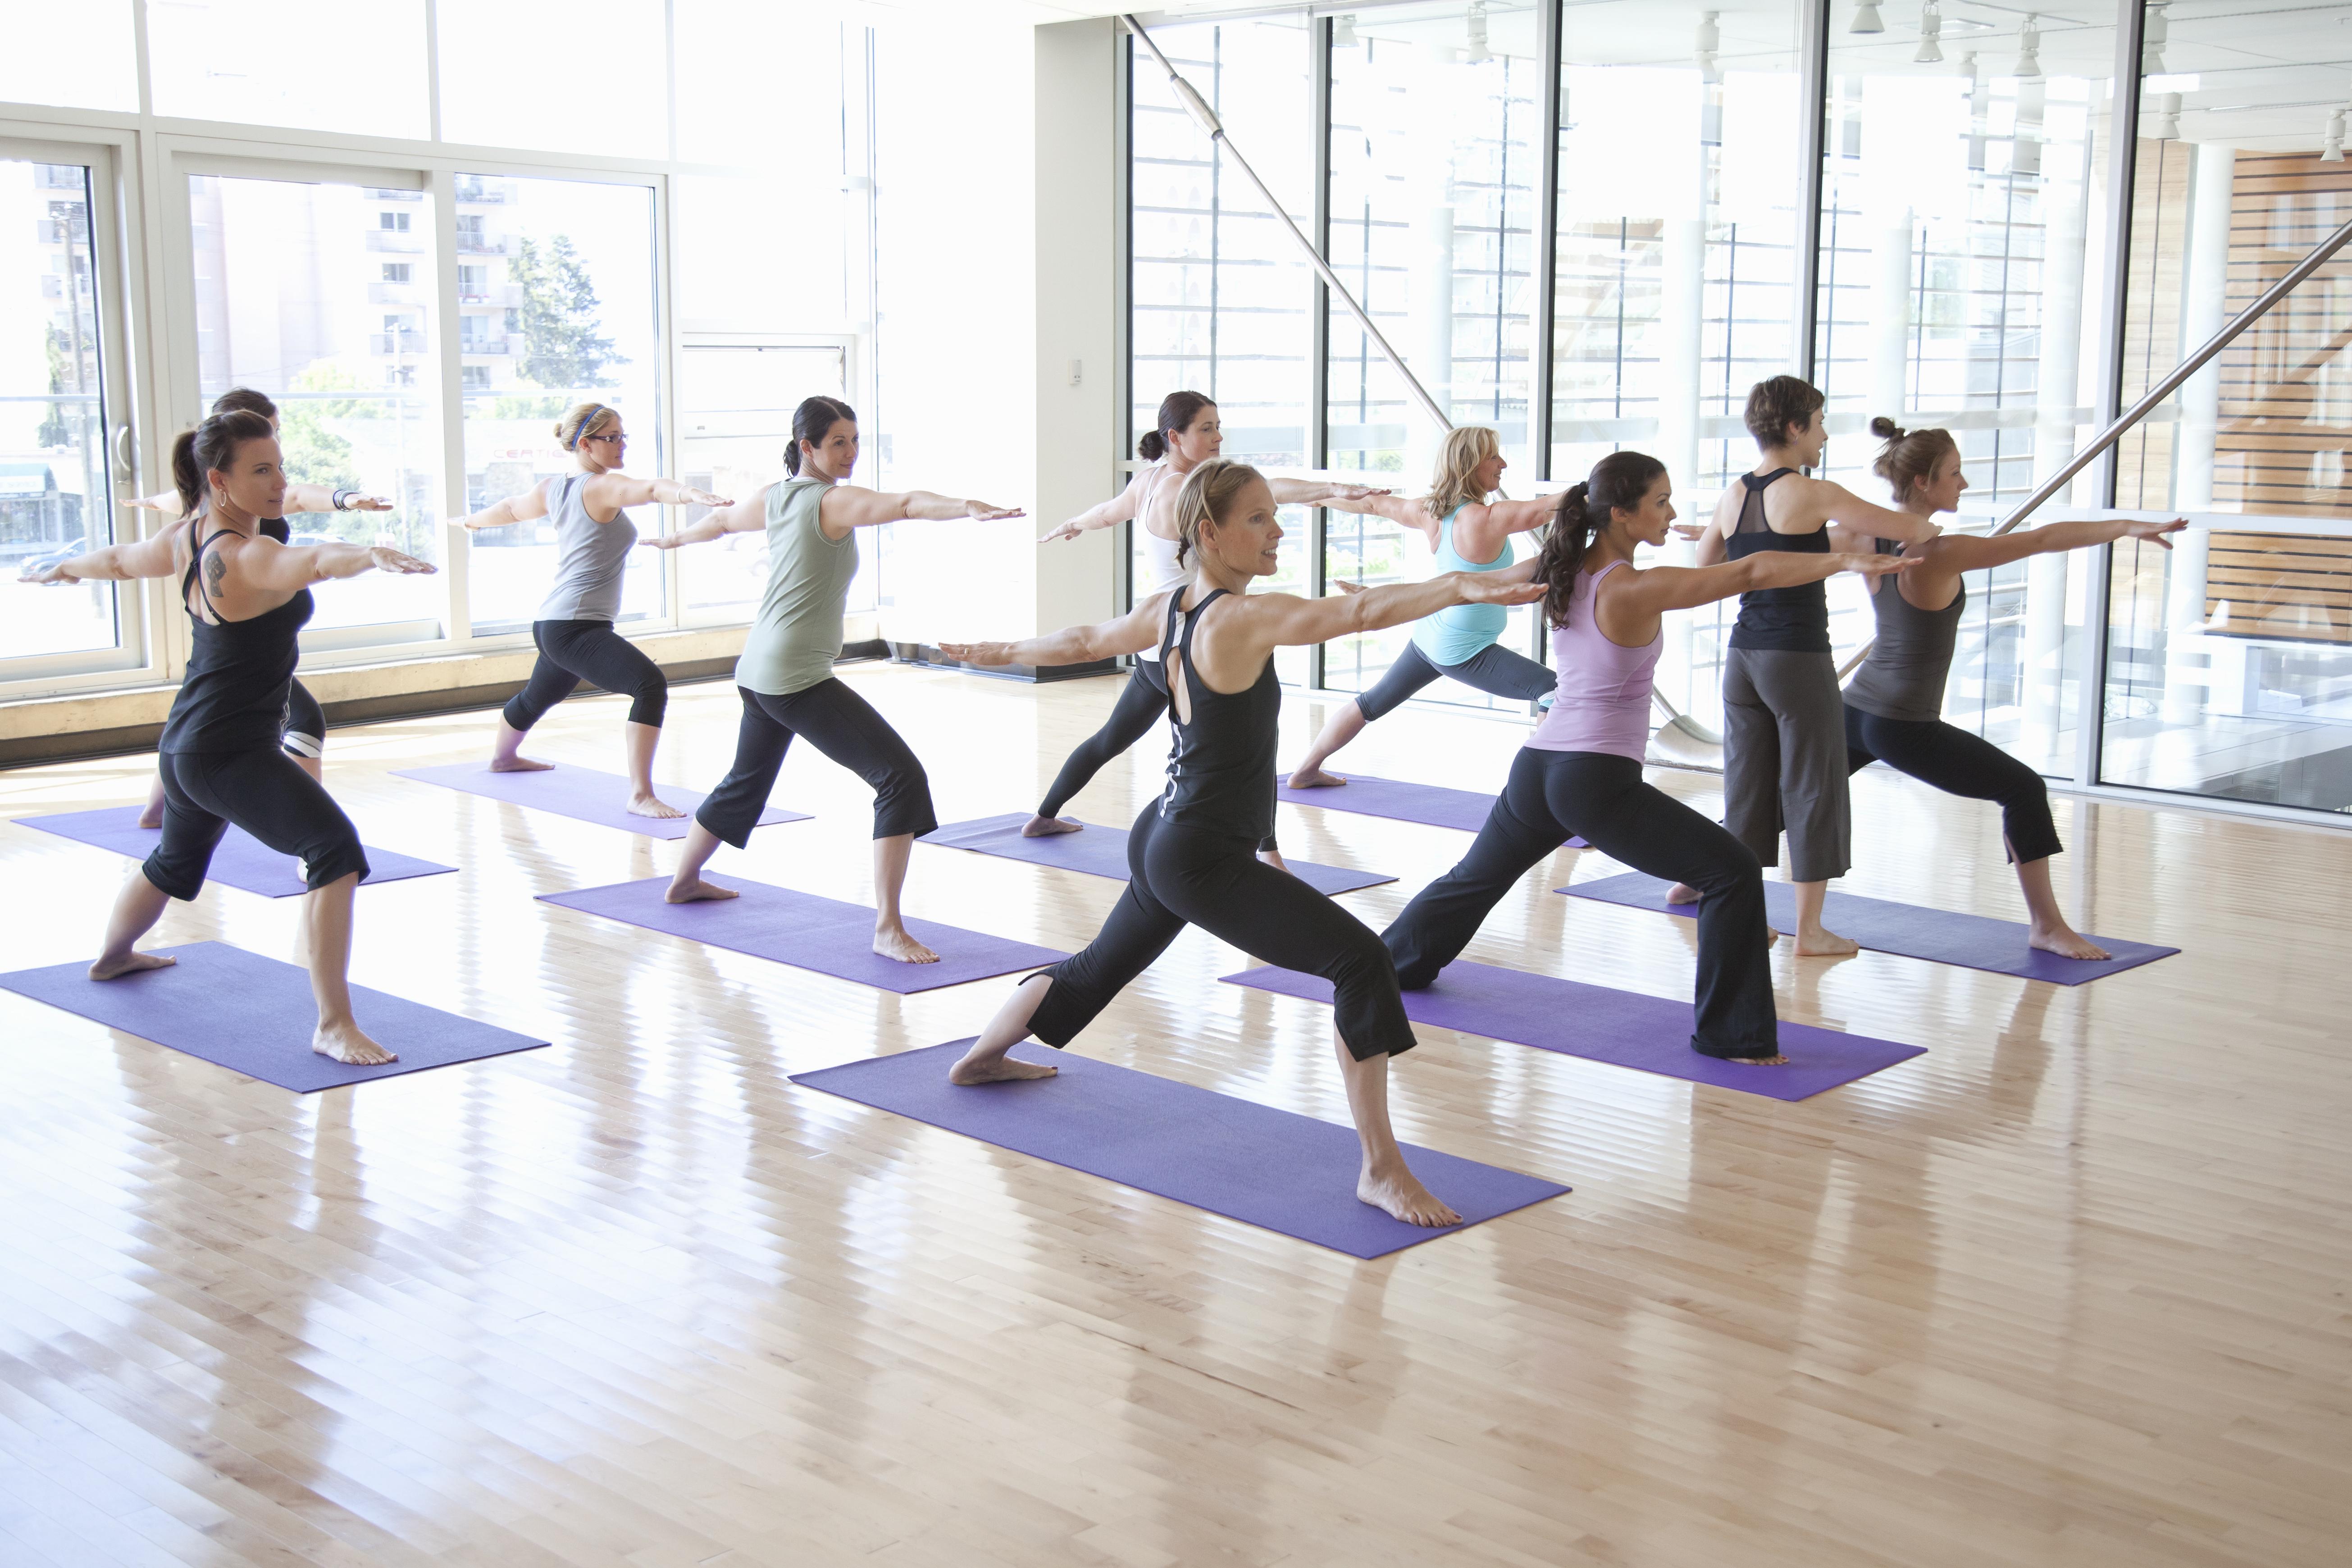 Yoga instructor guiding class through poses